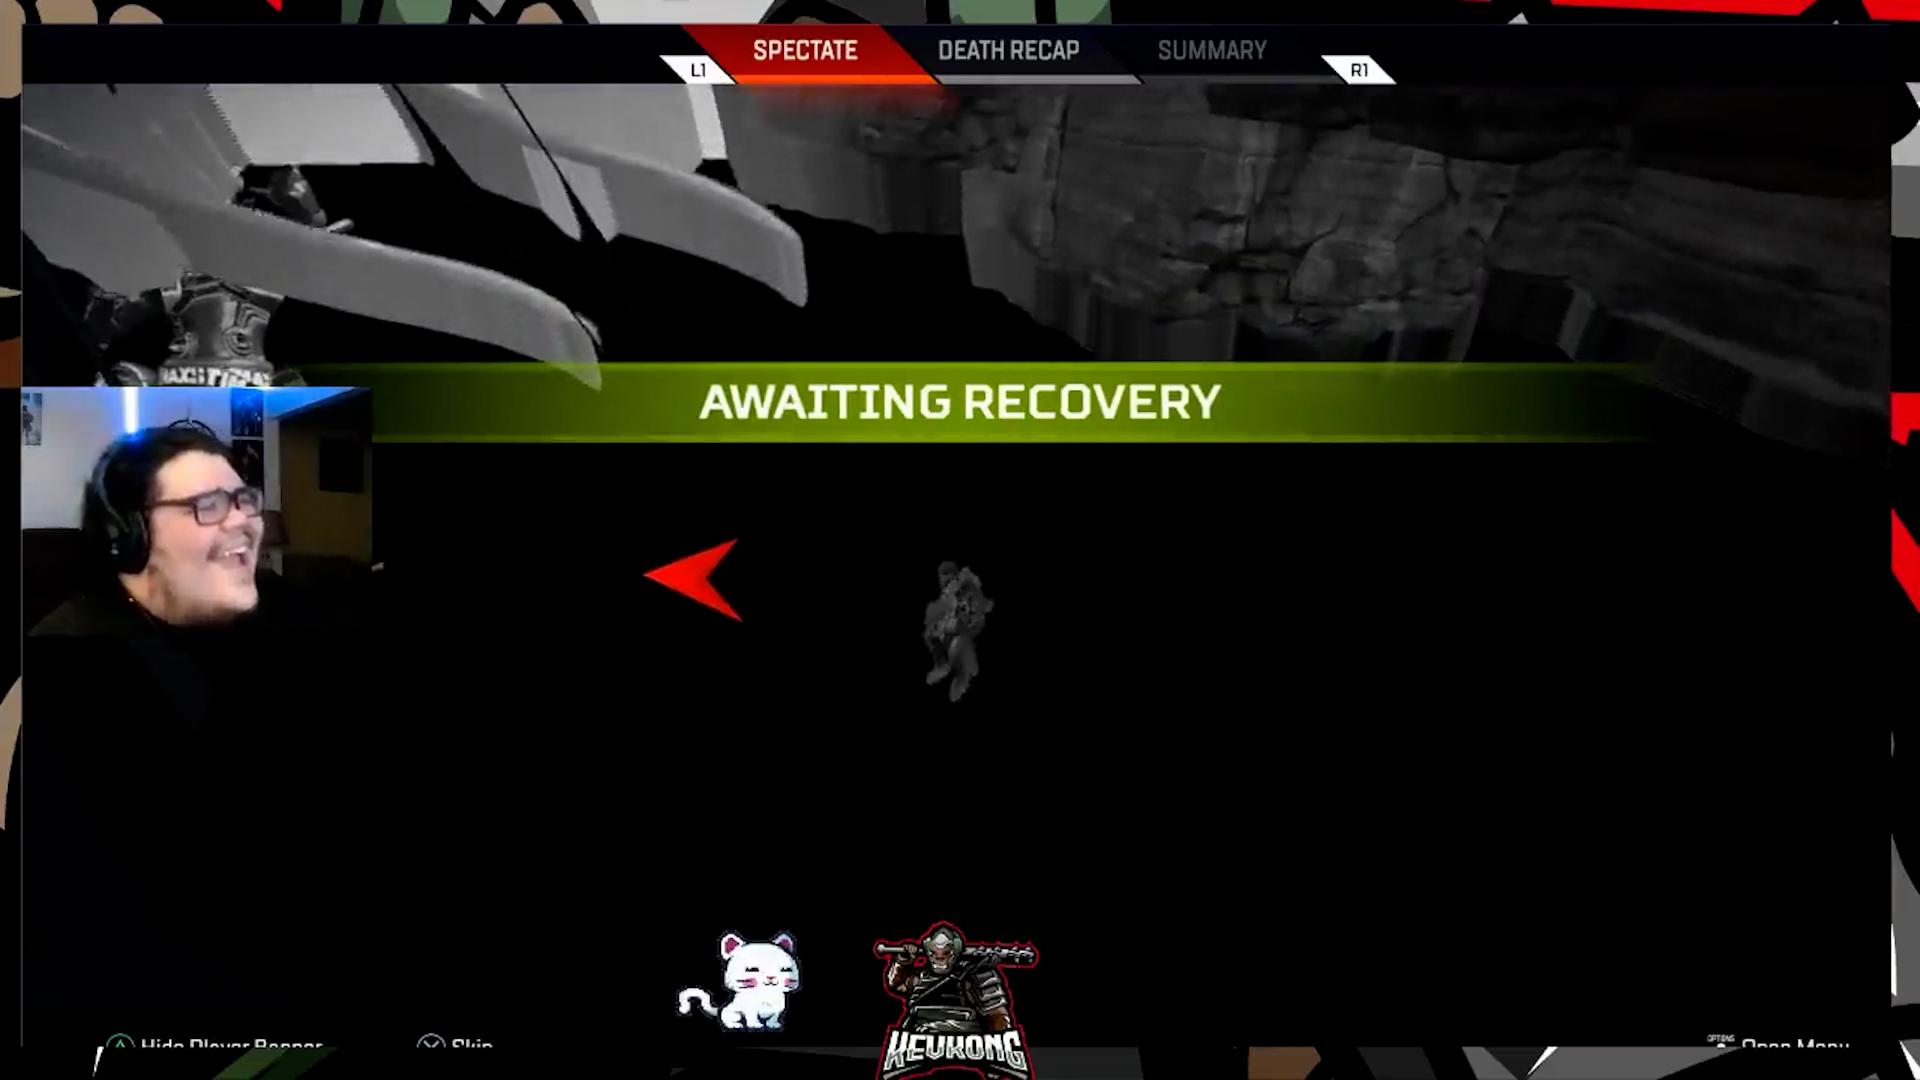 【APEXコント】開幕サプライシップに弾かれてマップ外に落ちる→バナー回収しようとしたチームメイトも落ちる